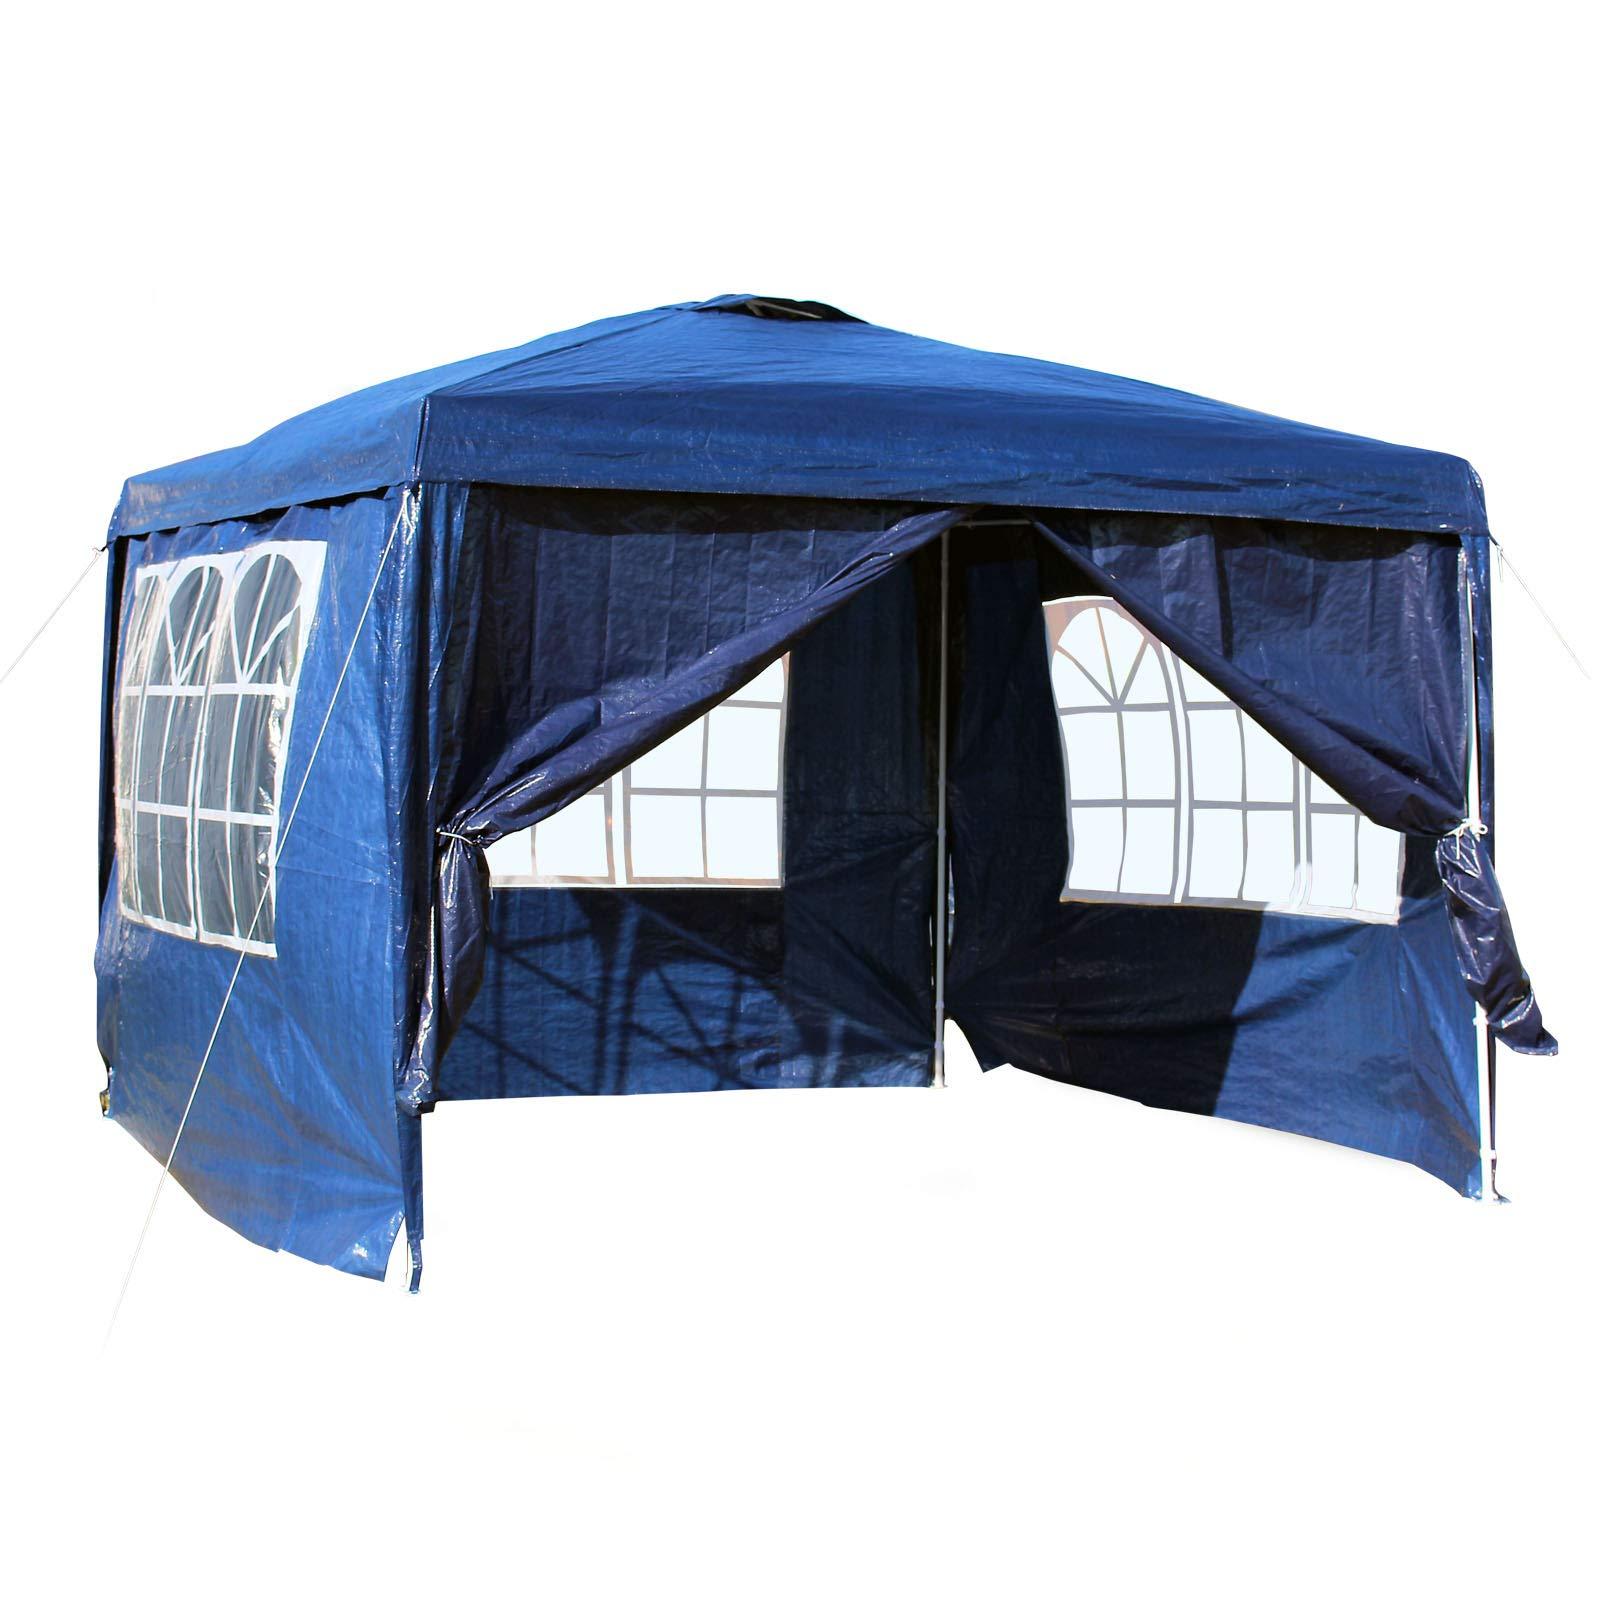 WilTec Carpa de jardín con Elementos Laterales Desmontables 3x3m Azul con Ventanas Cenador para Exterior: Amazon.es: Deportes y aire libre